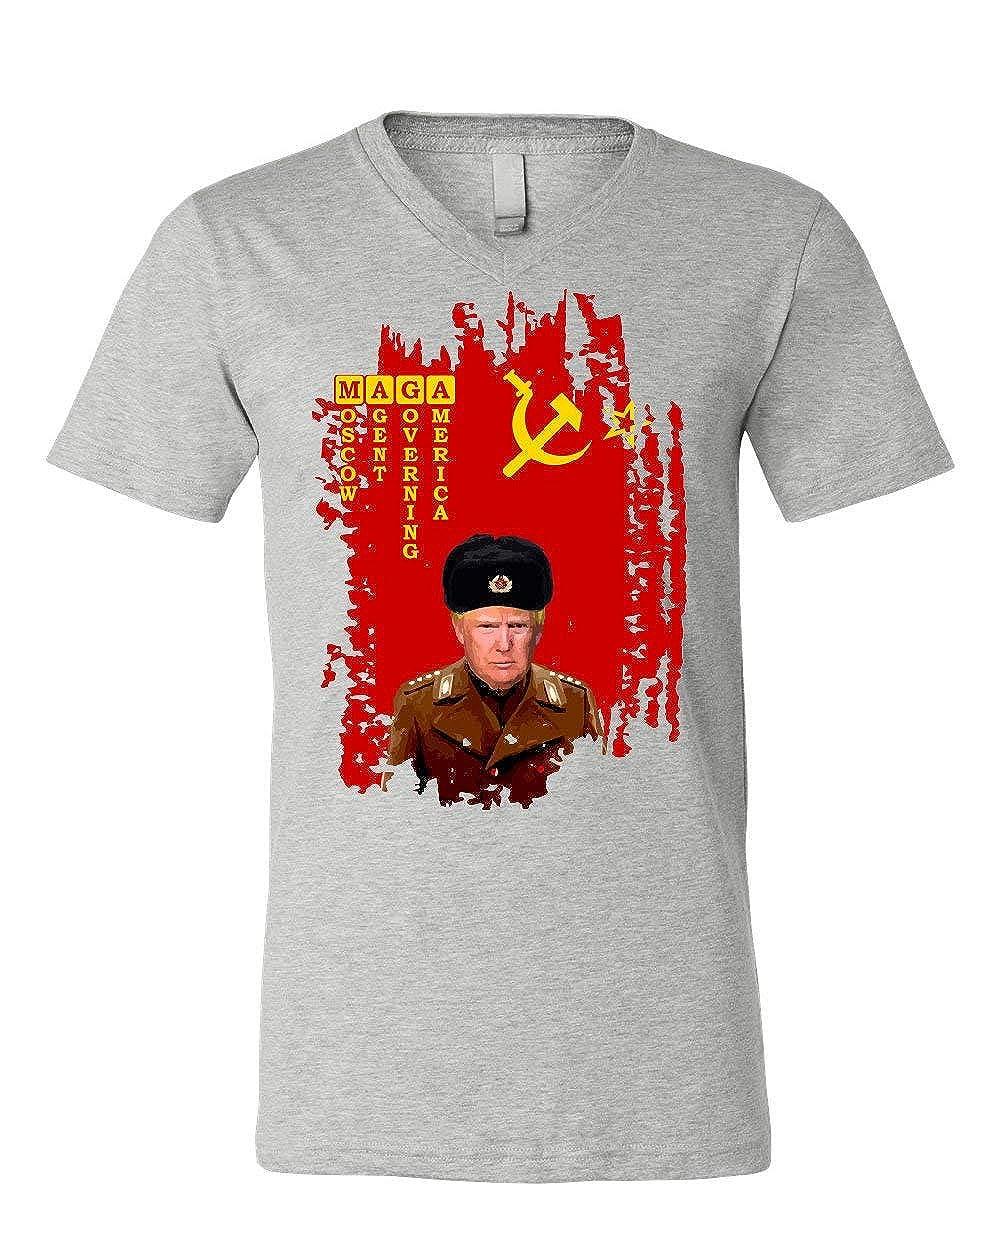 MAGA Comrade Trump V-Neck T-Shirt Funny Soviet Flag USSR Russian Agent Tee